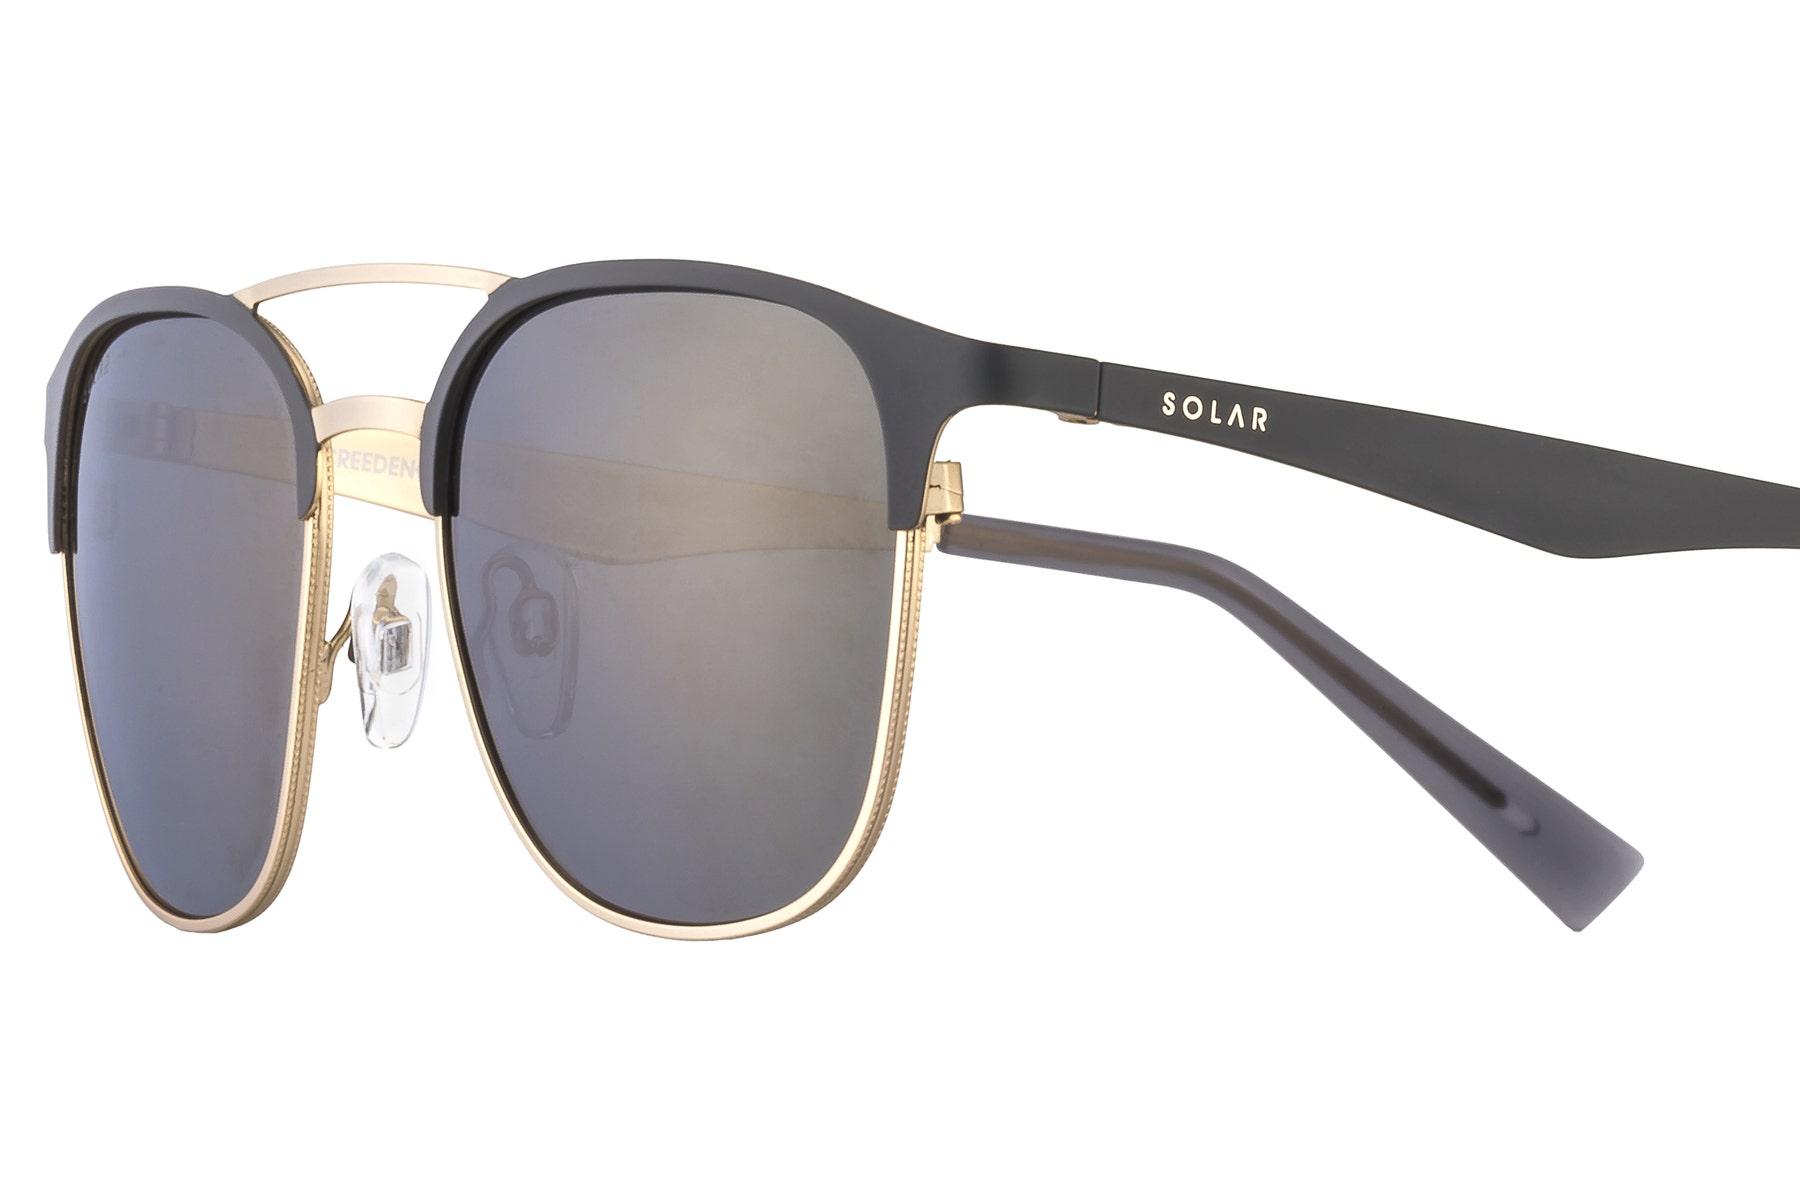 Polarised sunglasses Creedence for men